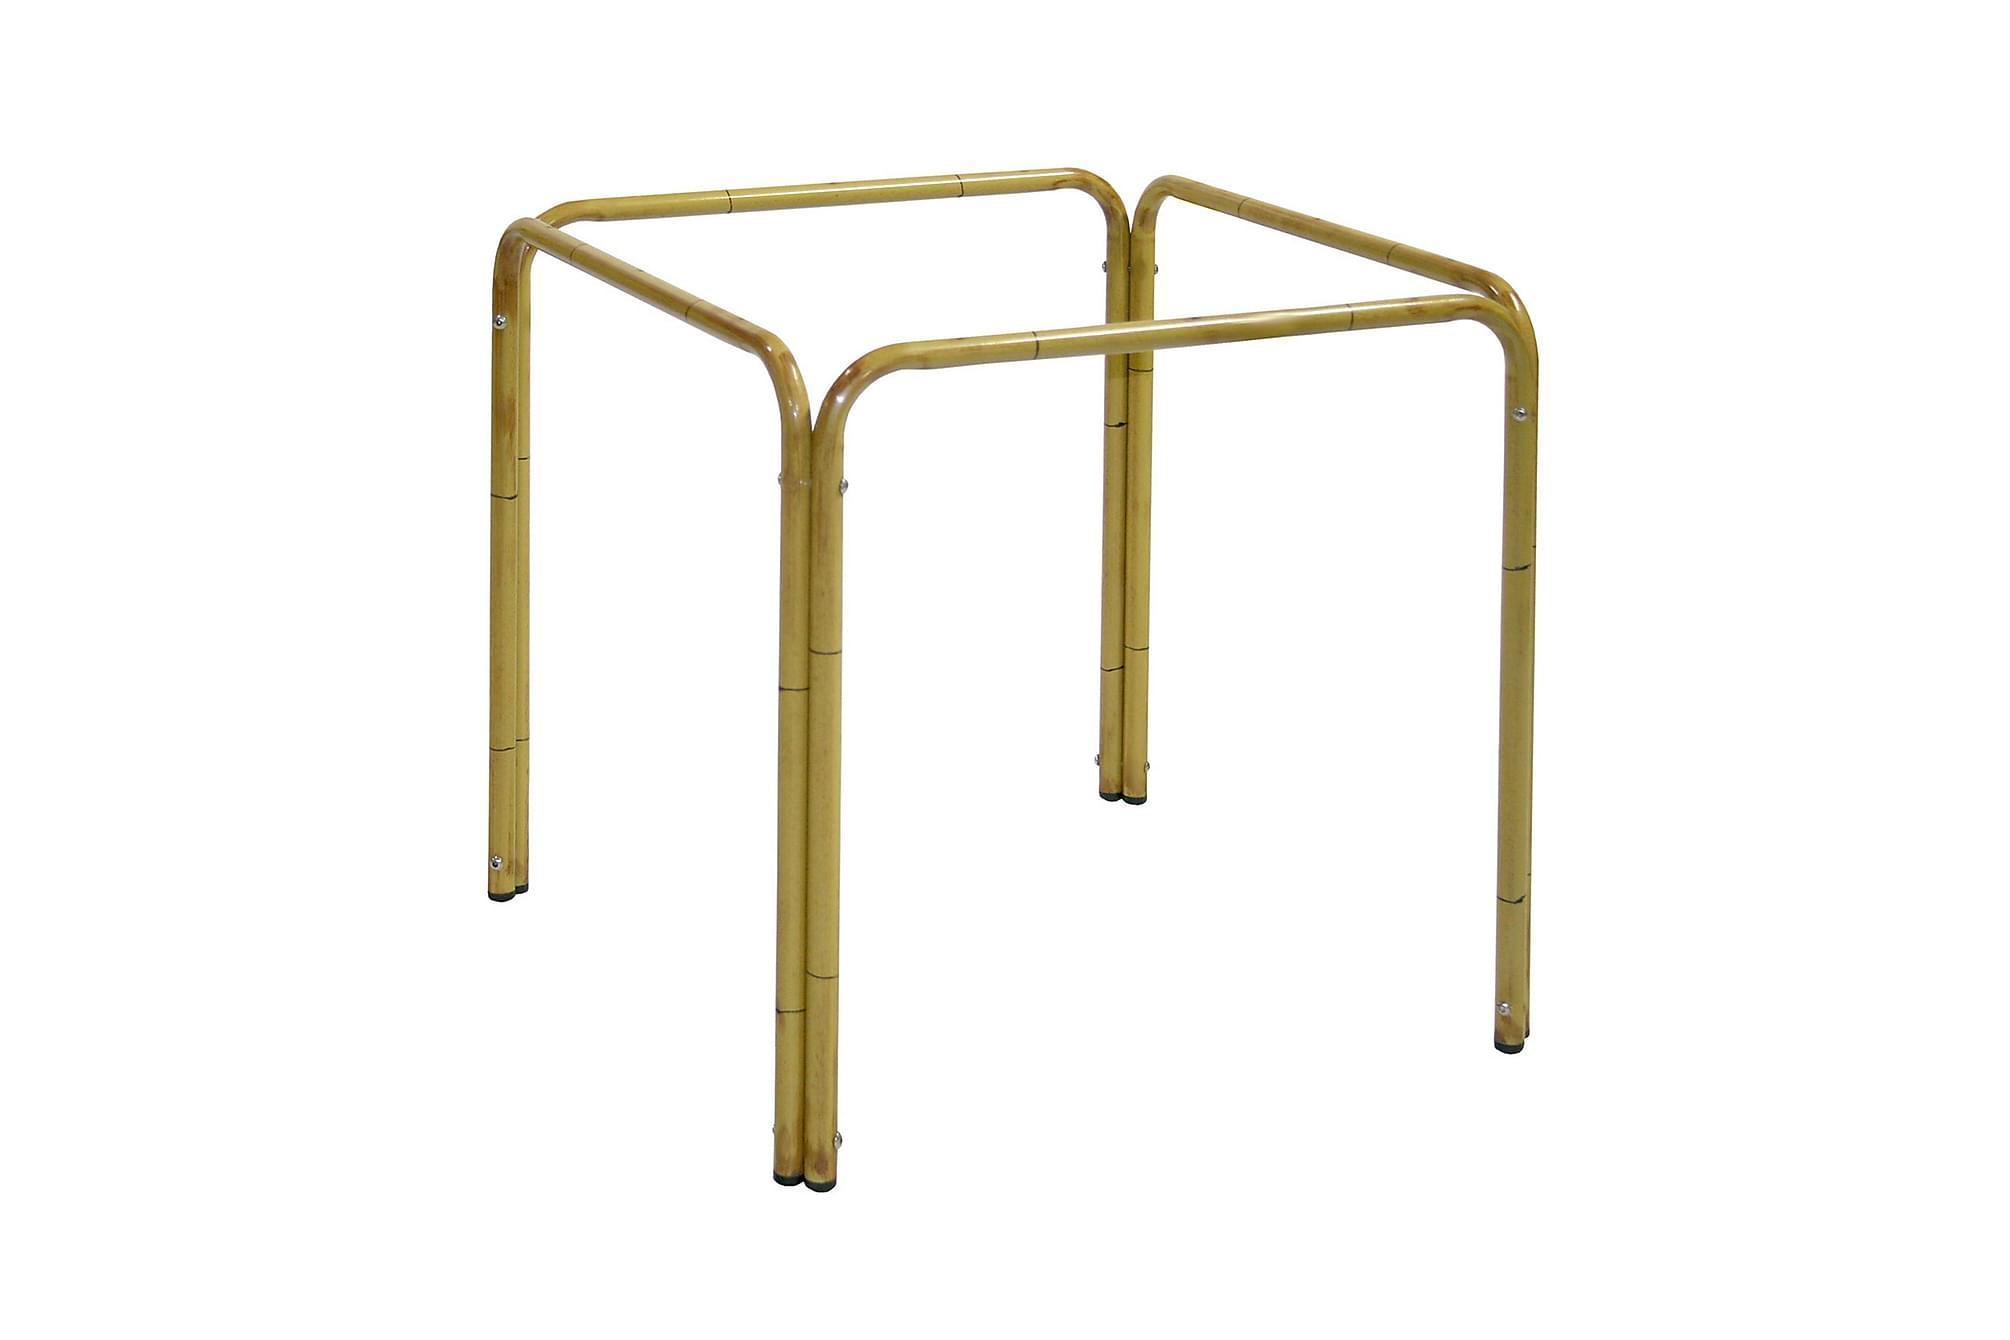 Bordsben 67x67xH70cm bambu ser aluminium, Matbord